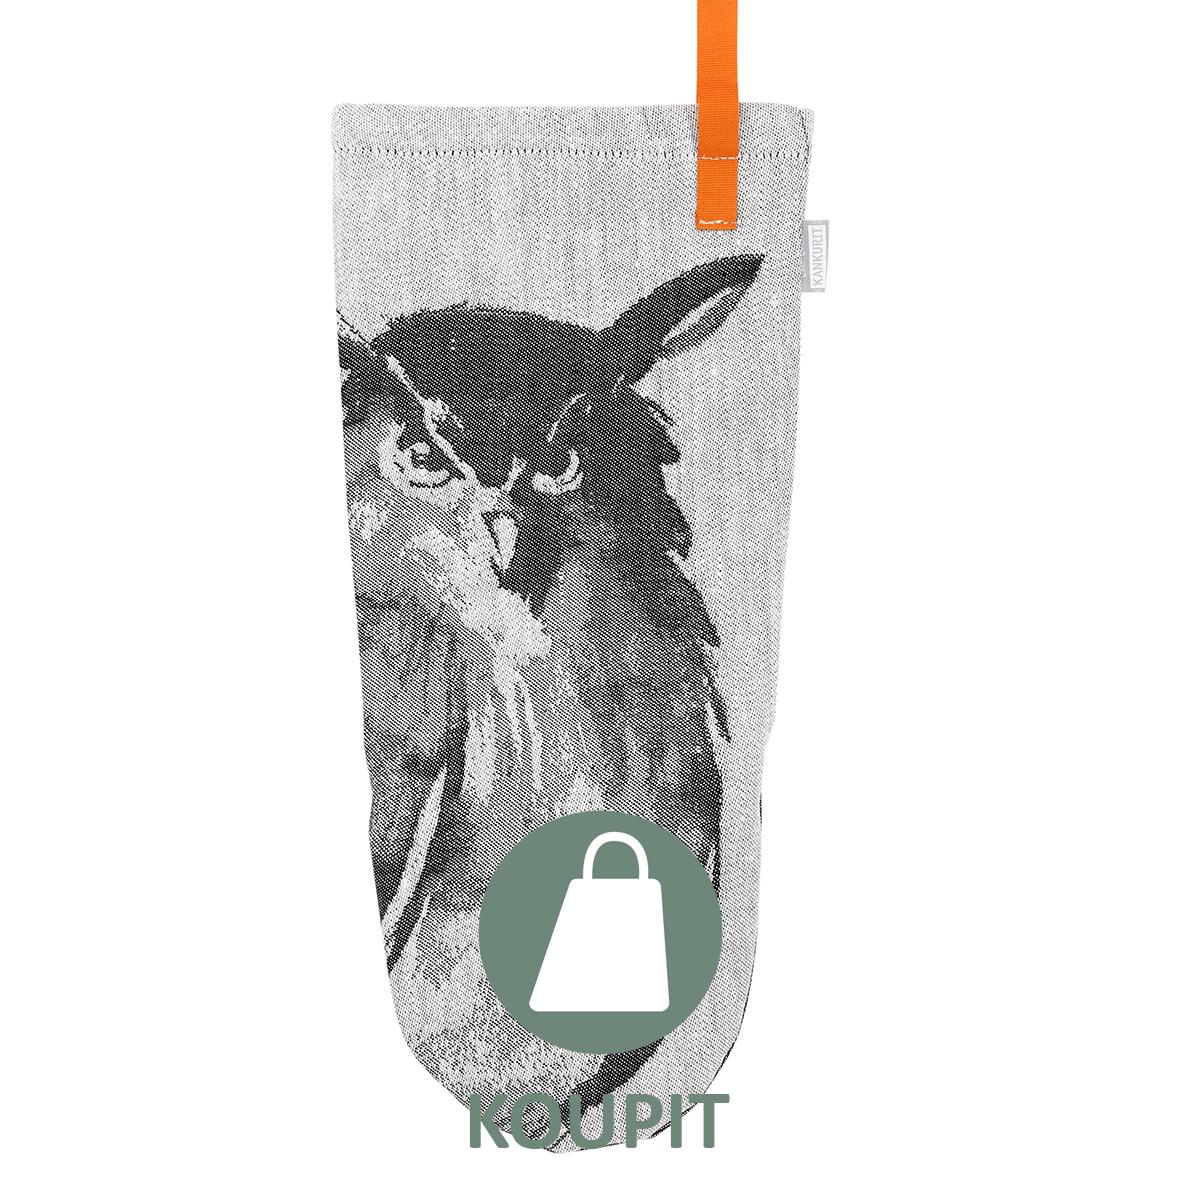 letni-textil-lapuan-kankurit-produkt9